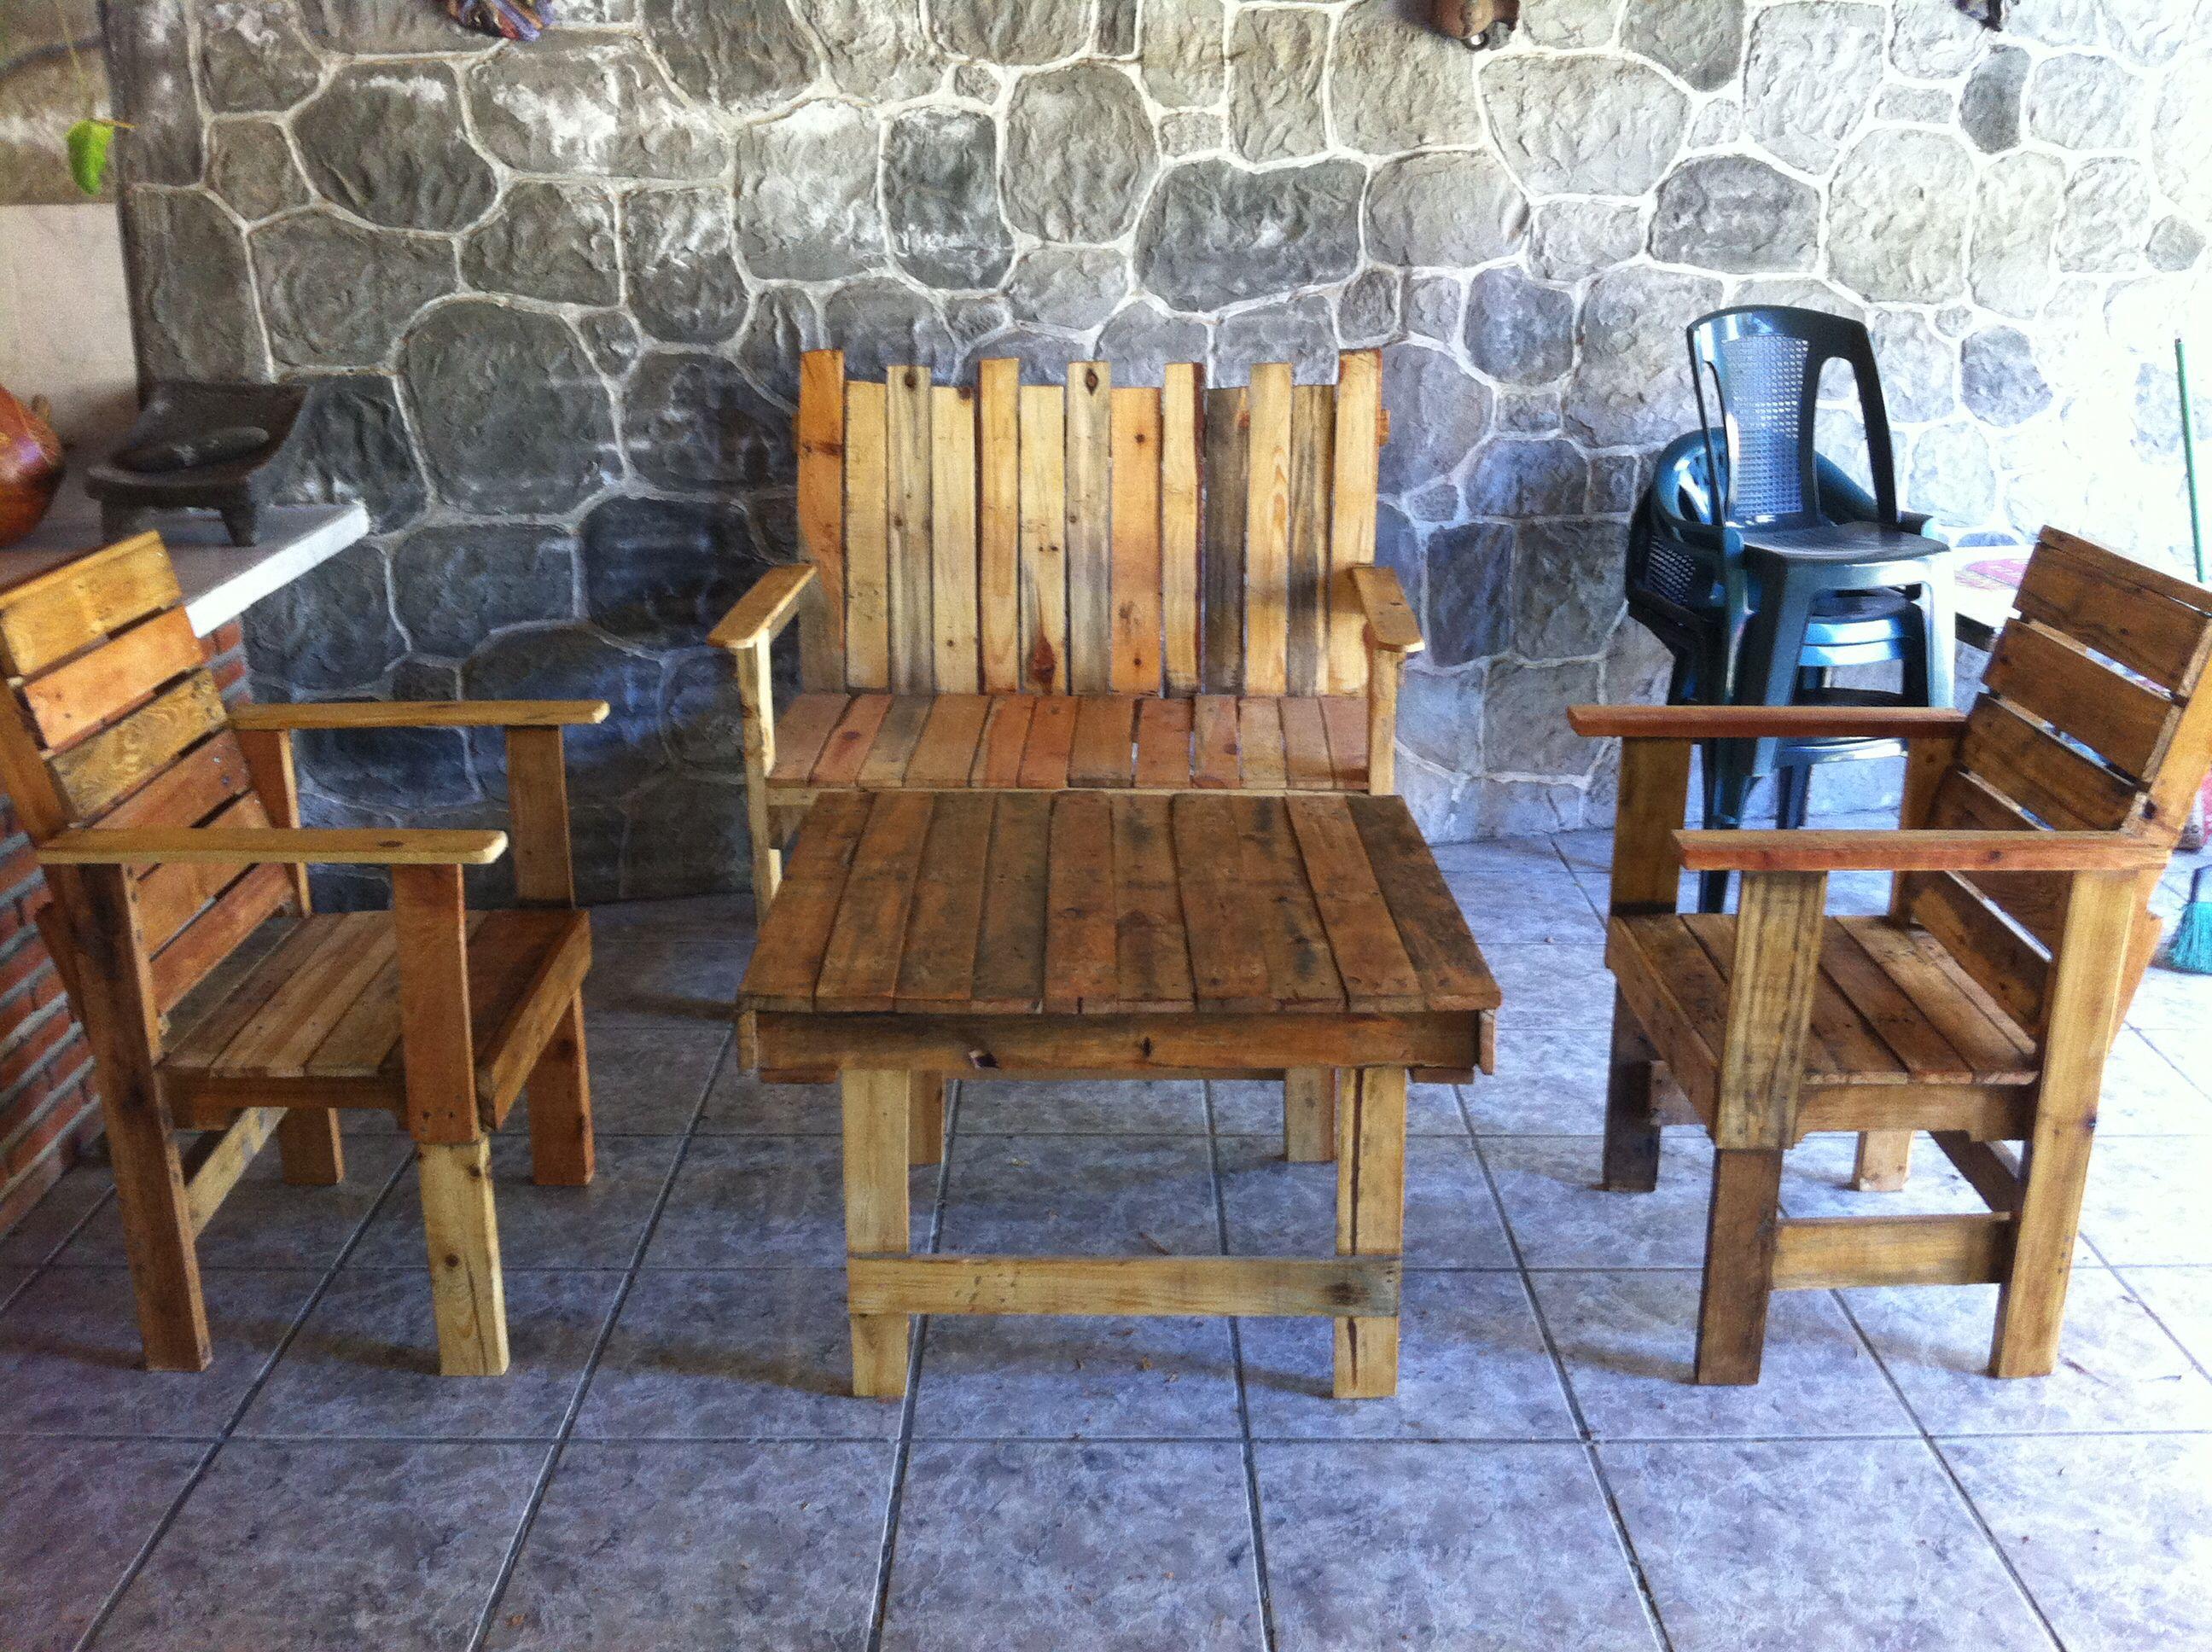 Sala de jard n r stica echa con palets reutilizar es for Mesas de palets para jardin